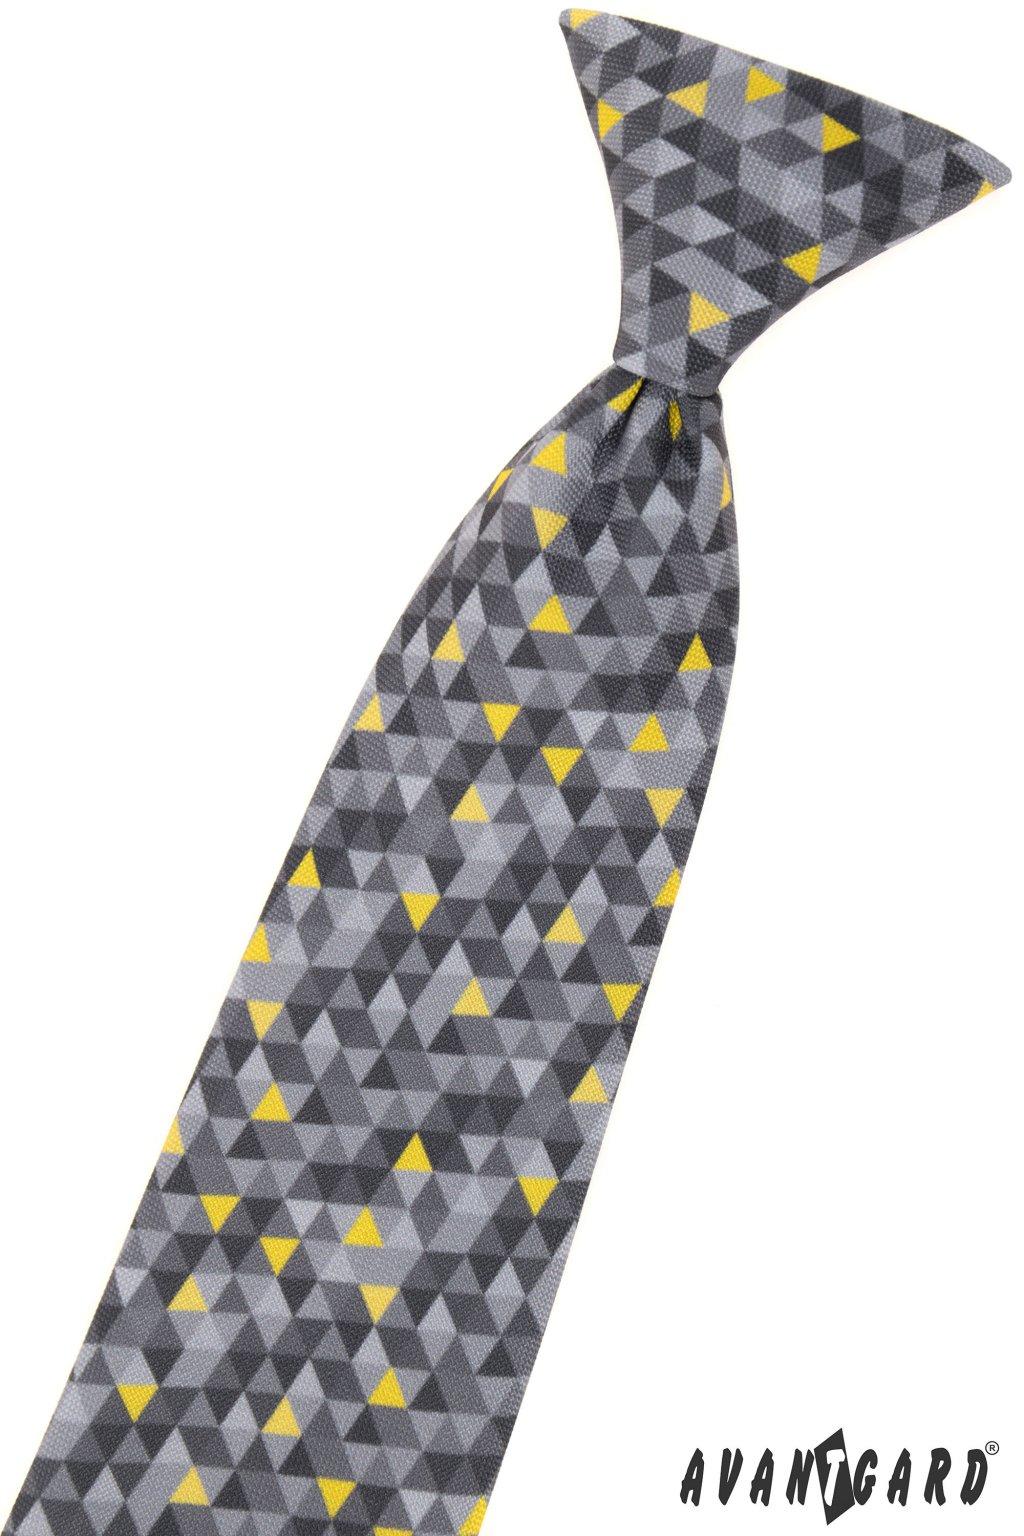 Chlapecká kravata, 558-2021, Šedá/žlutá, barva roku 2021